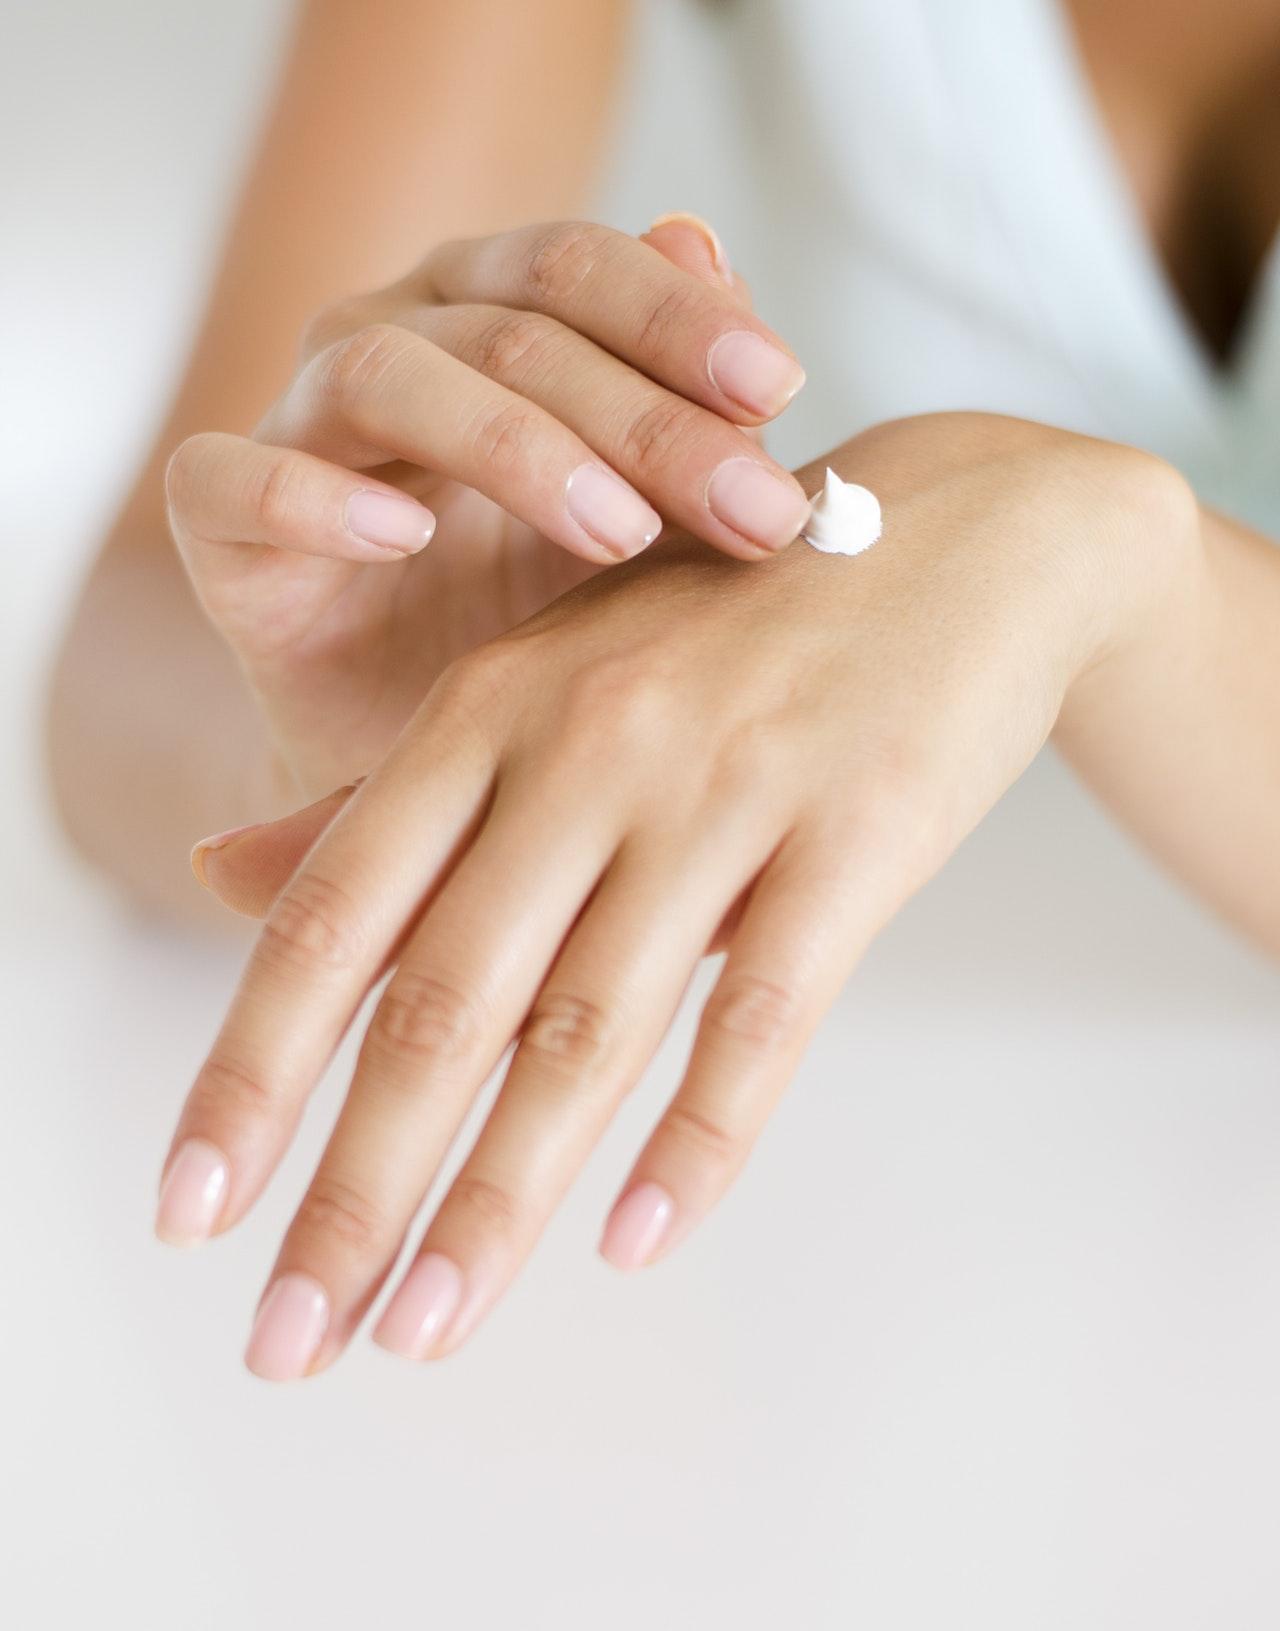 使用控油護膚產品的重要性